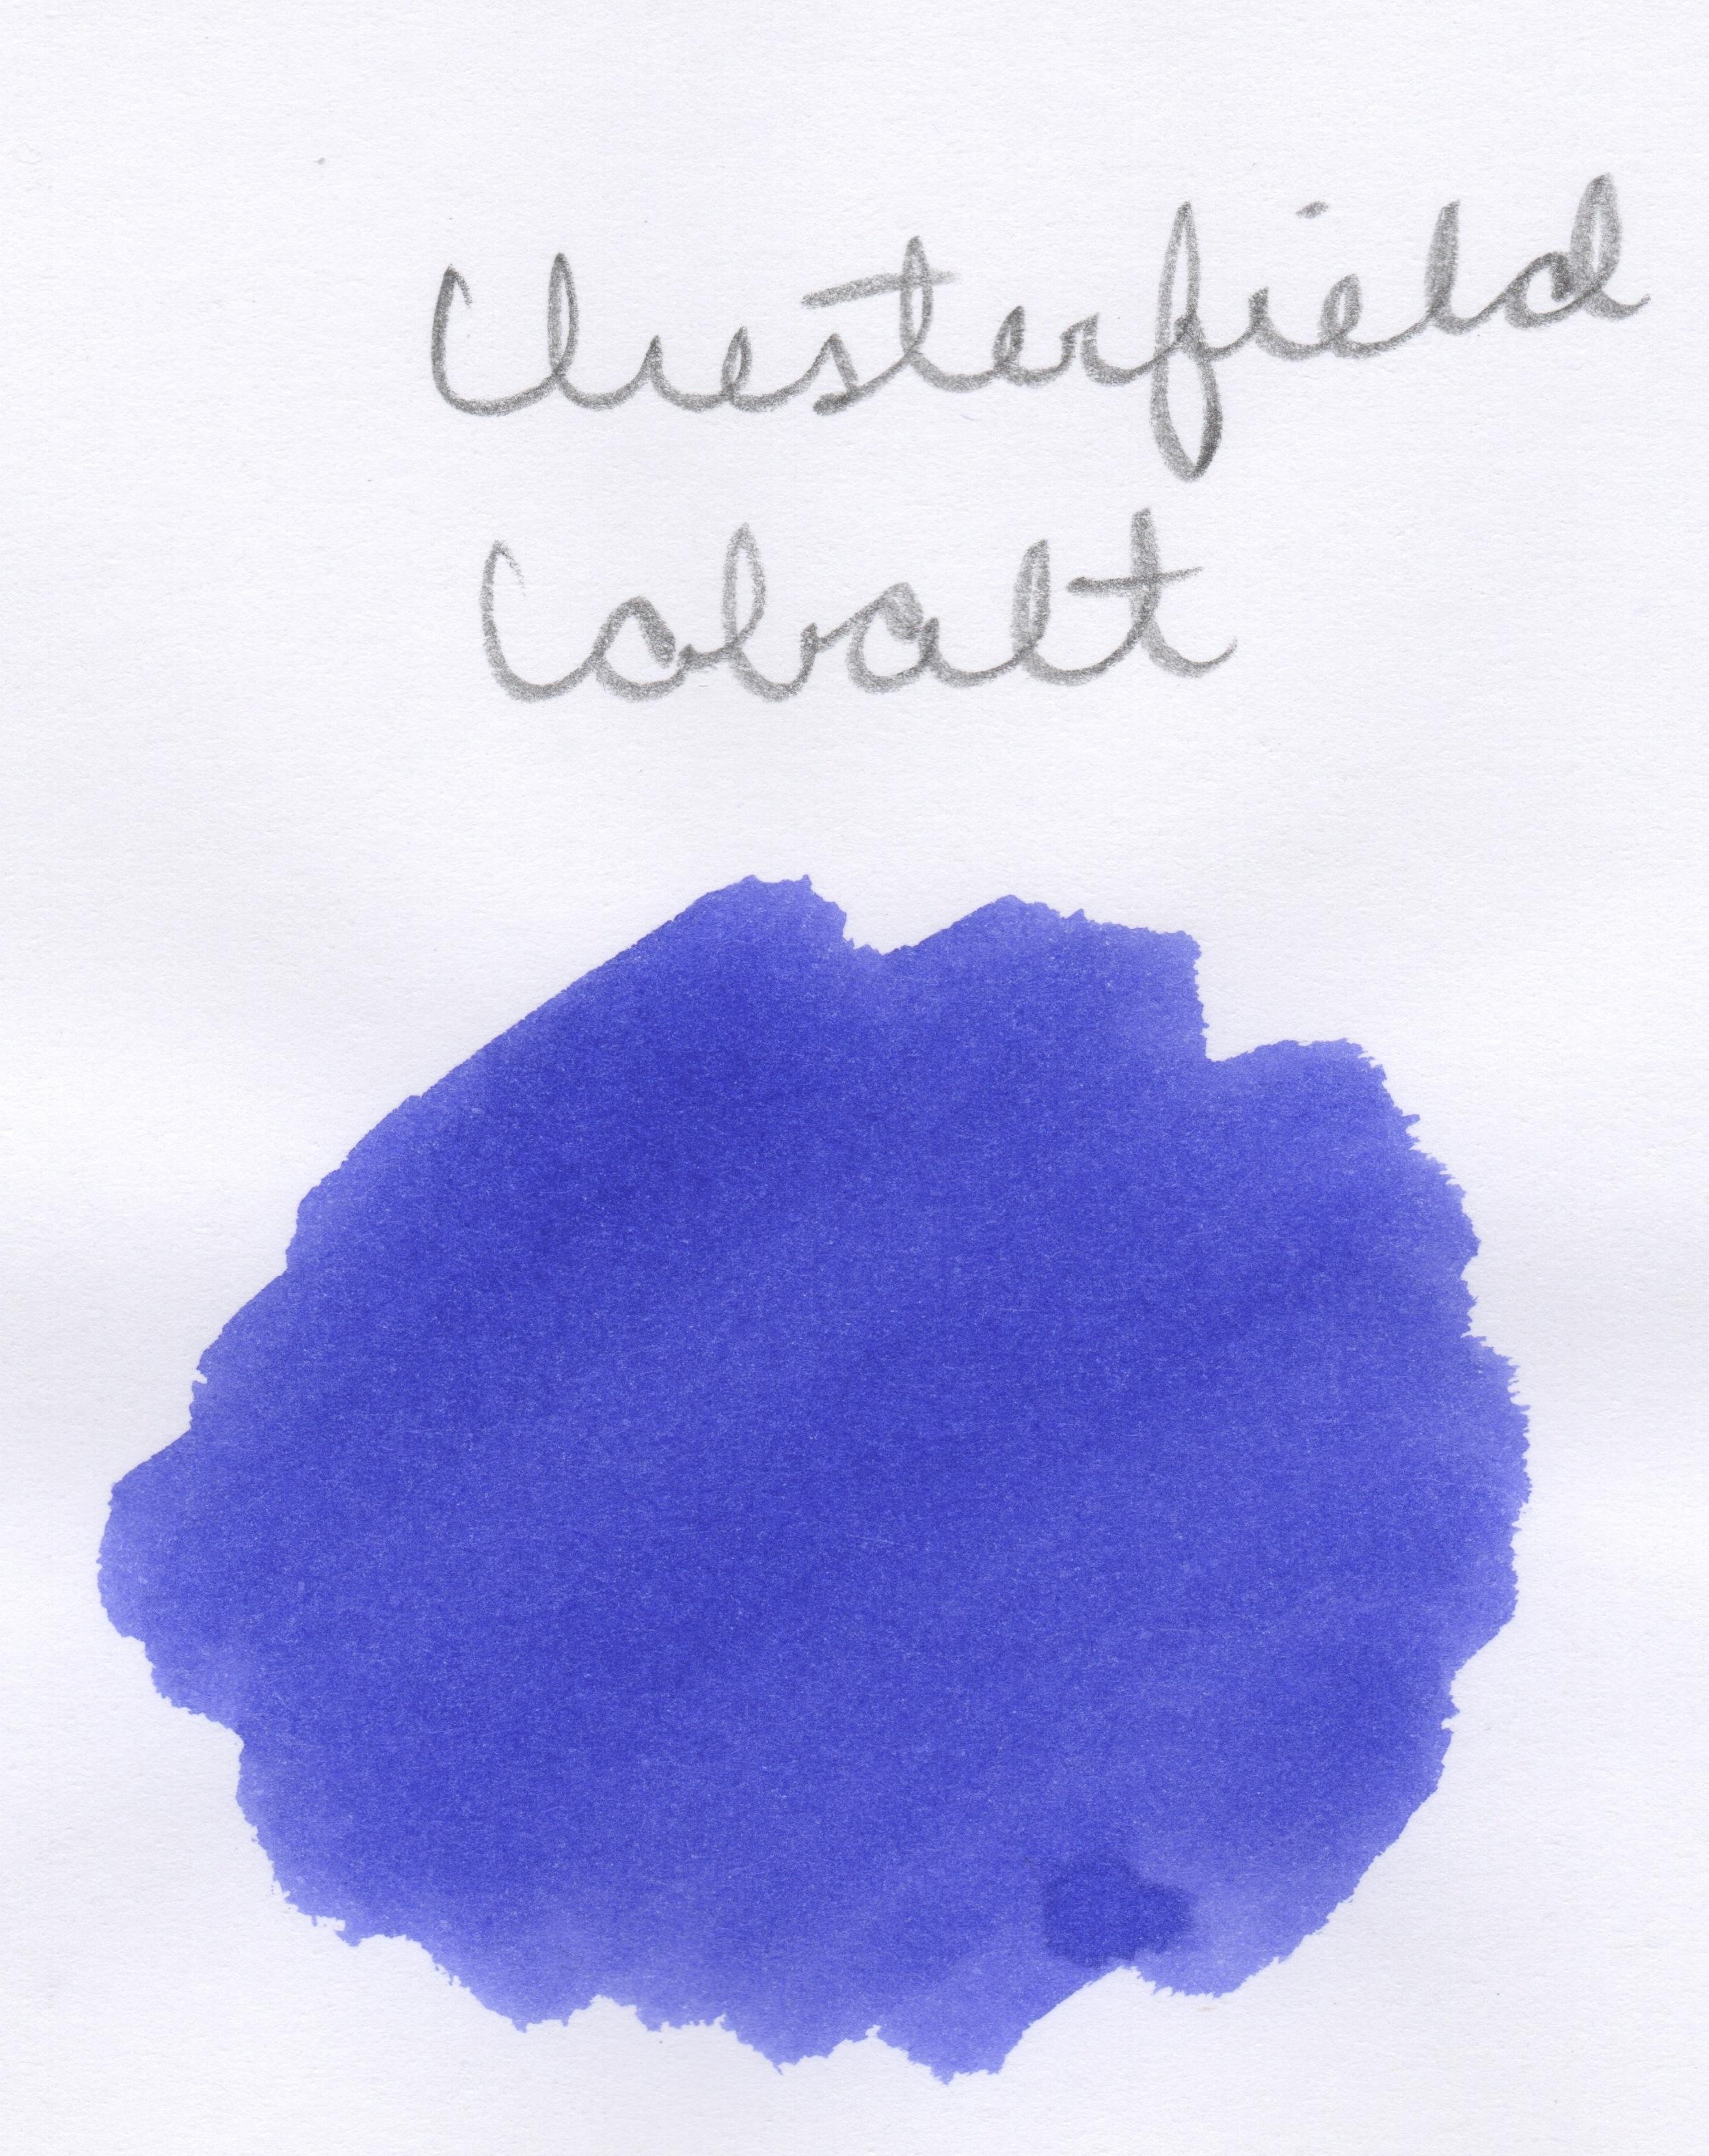 Chesterfield Cobalt.jpeg